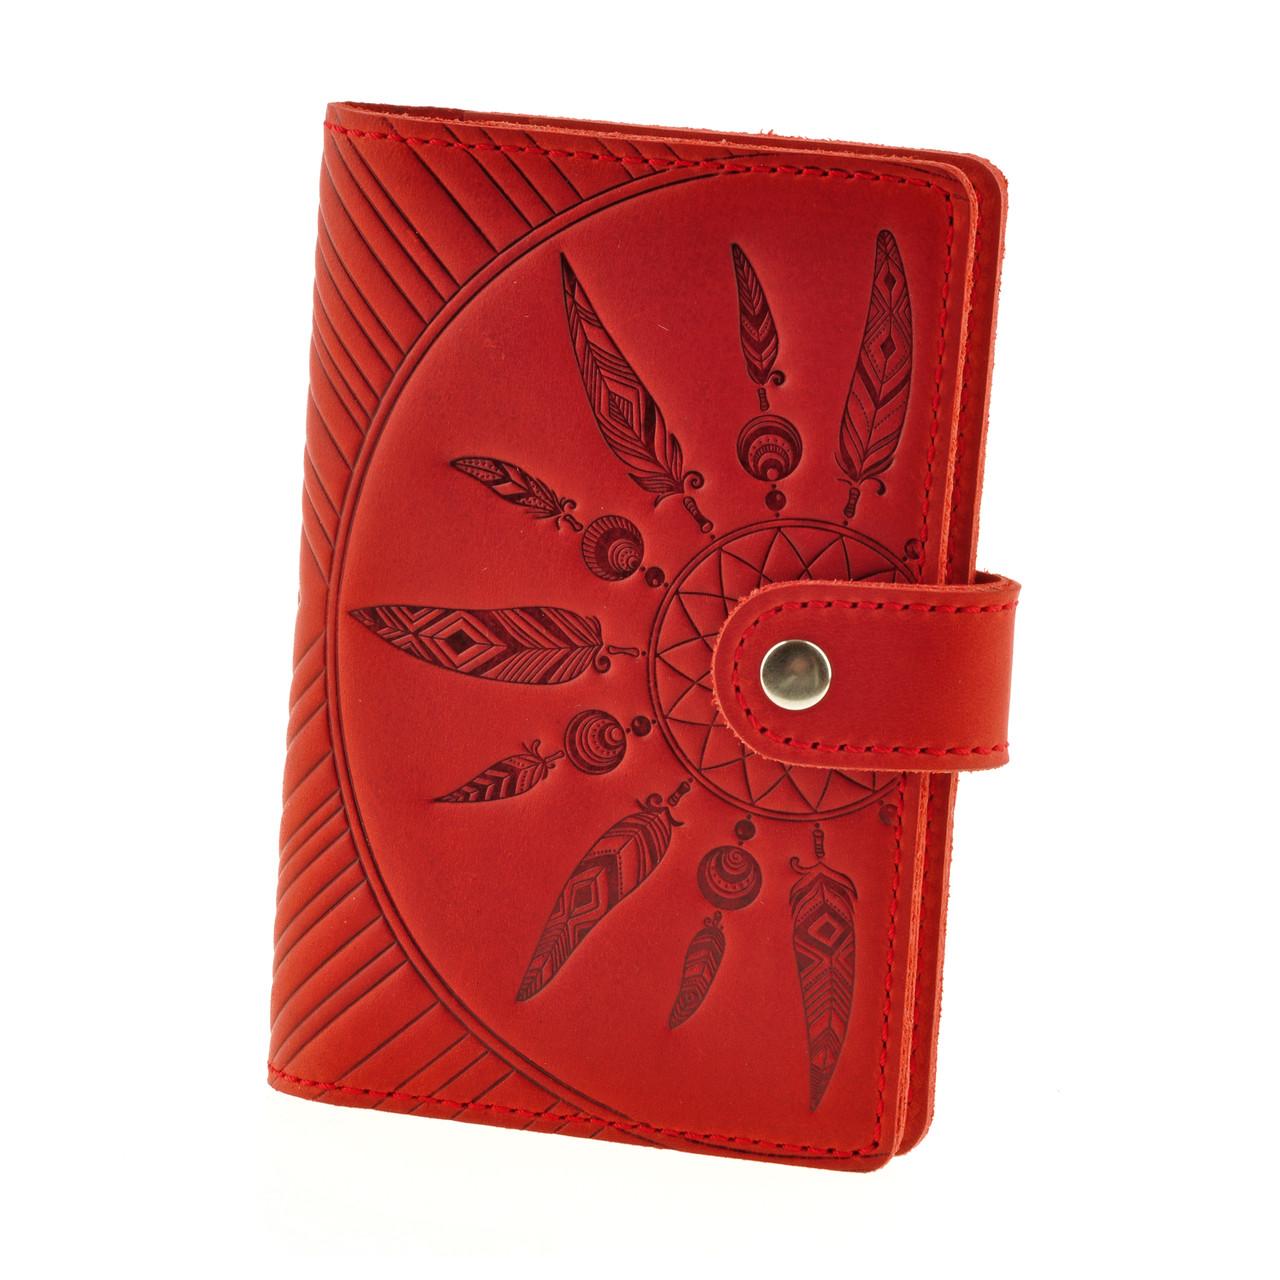 """Обложка для паспорта и карт кожаная закрывается на хлястик с кнопкой """"Инди"""". Цвет коралл"""